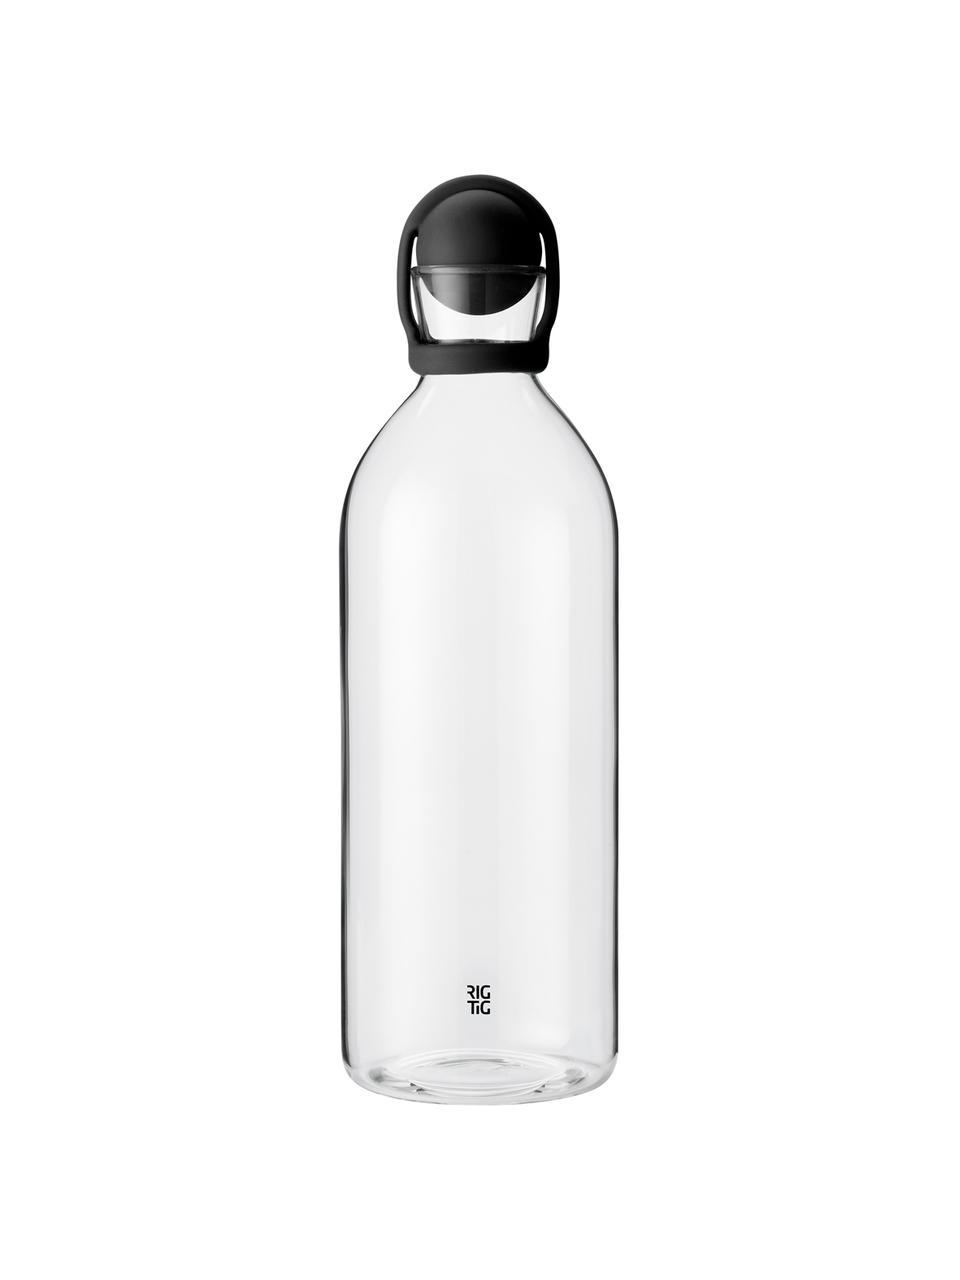 Karafka do wody Cool-It, 1,5 l, Czarny, transparentny, W 31 cm